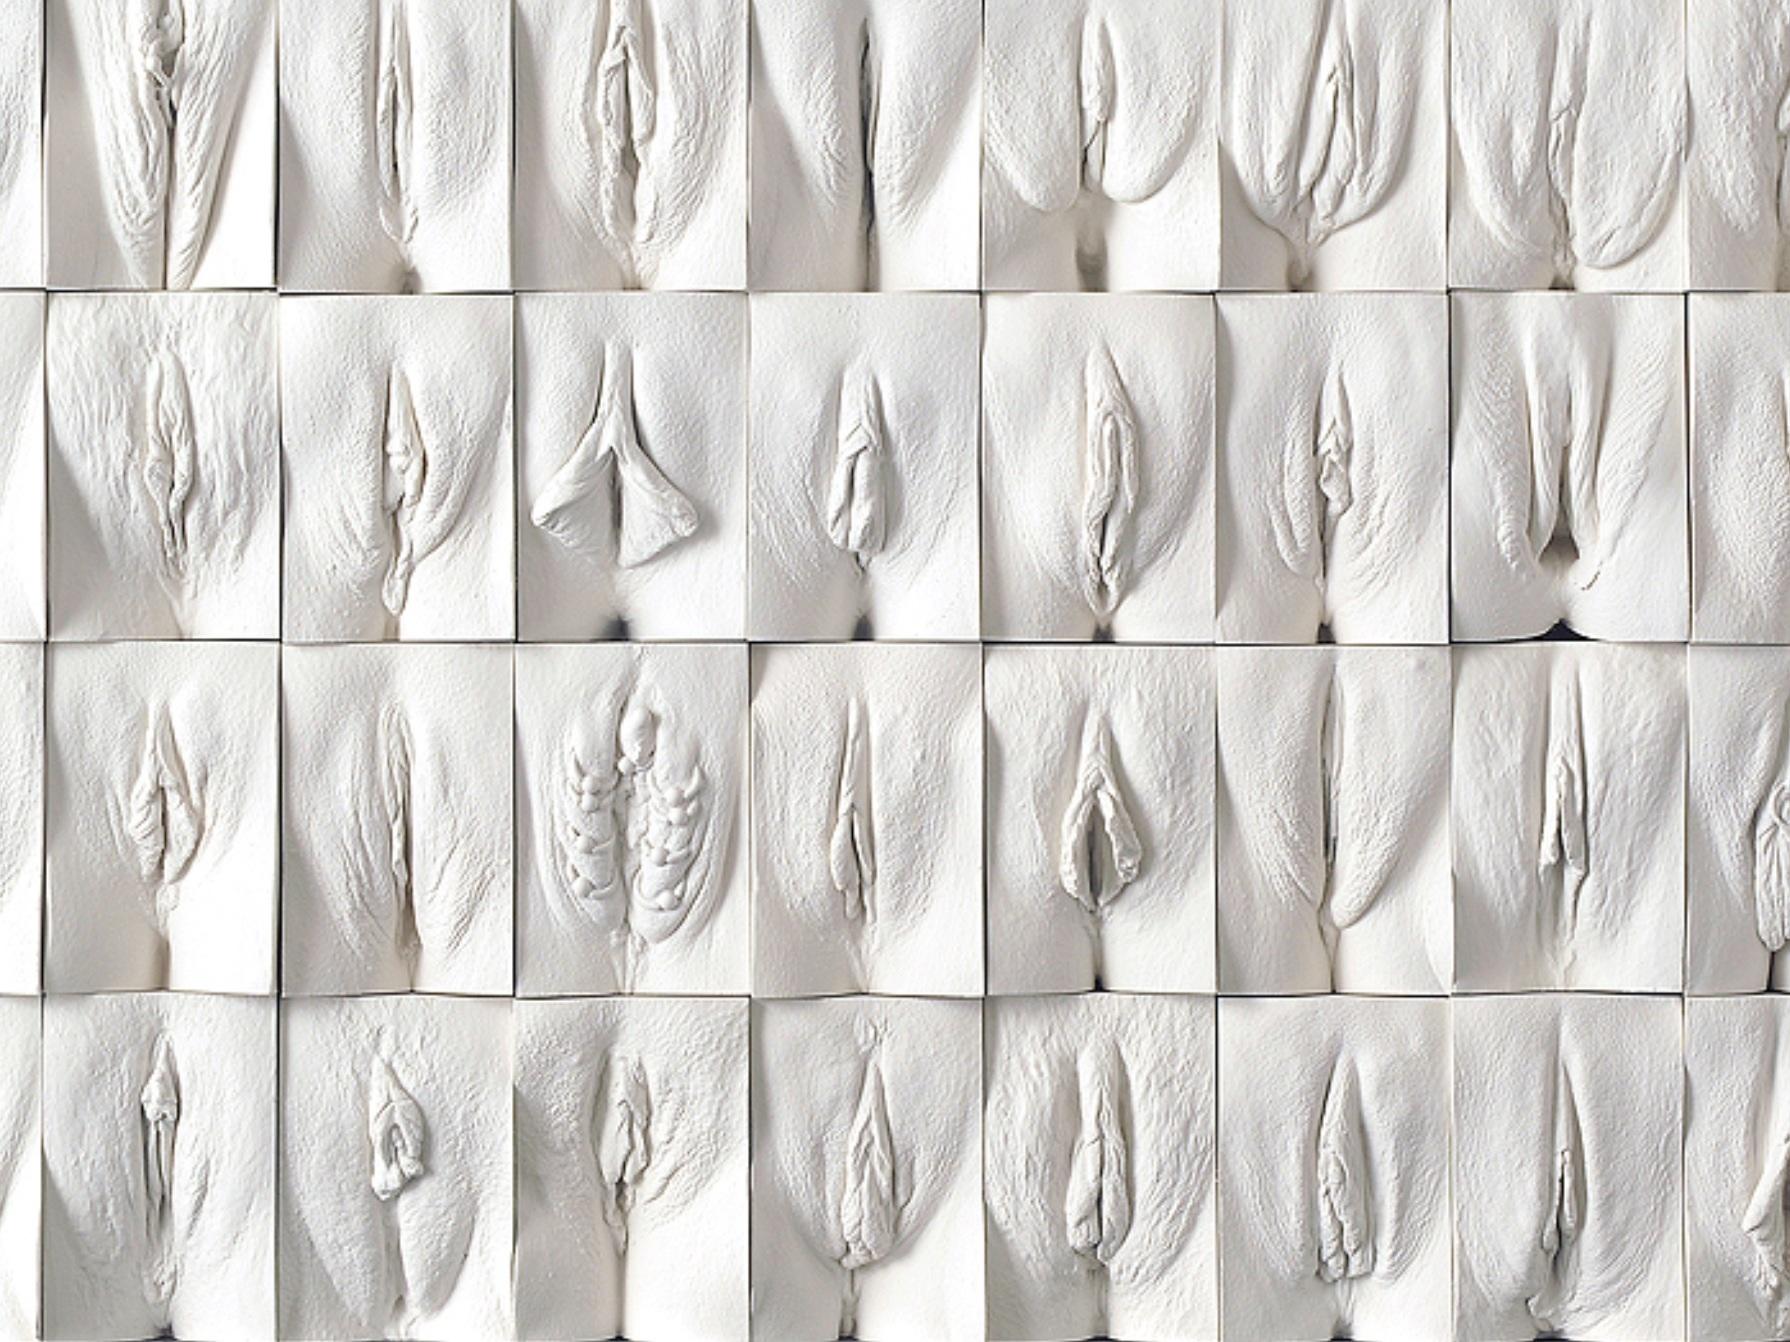 Фото гениталий класыфикация фото женских